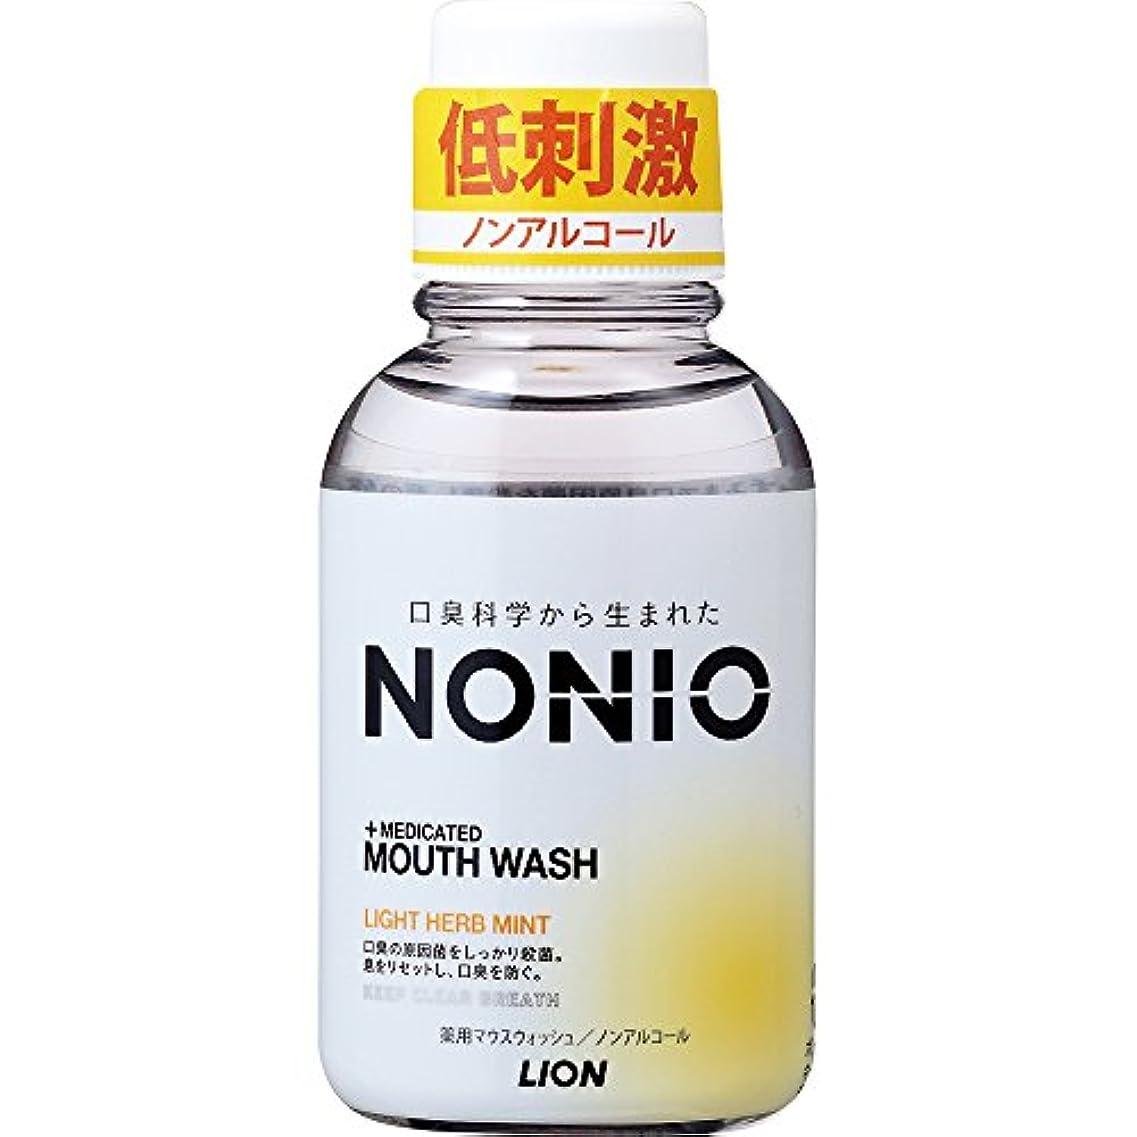 期限適切にスコットランド人NONIO マウスウォッシュ ノンアルコール ライトハーブミント 80ml 洗口液 (医薬部外品)